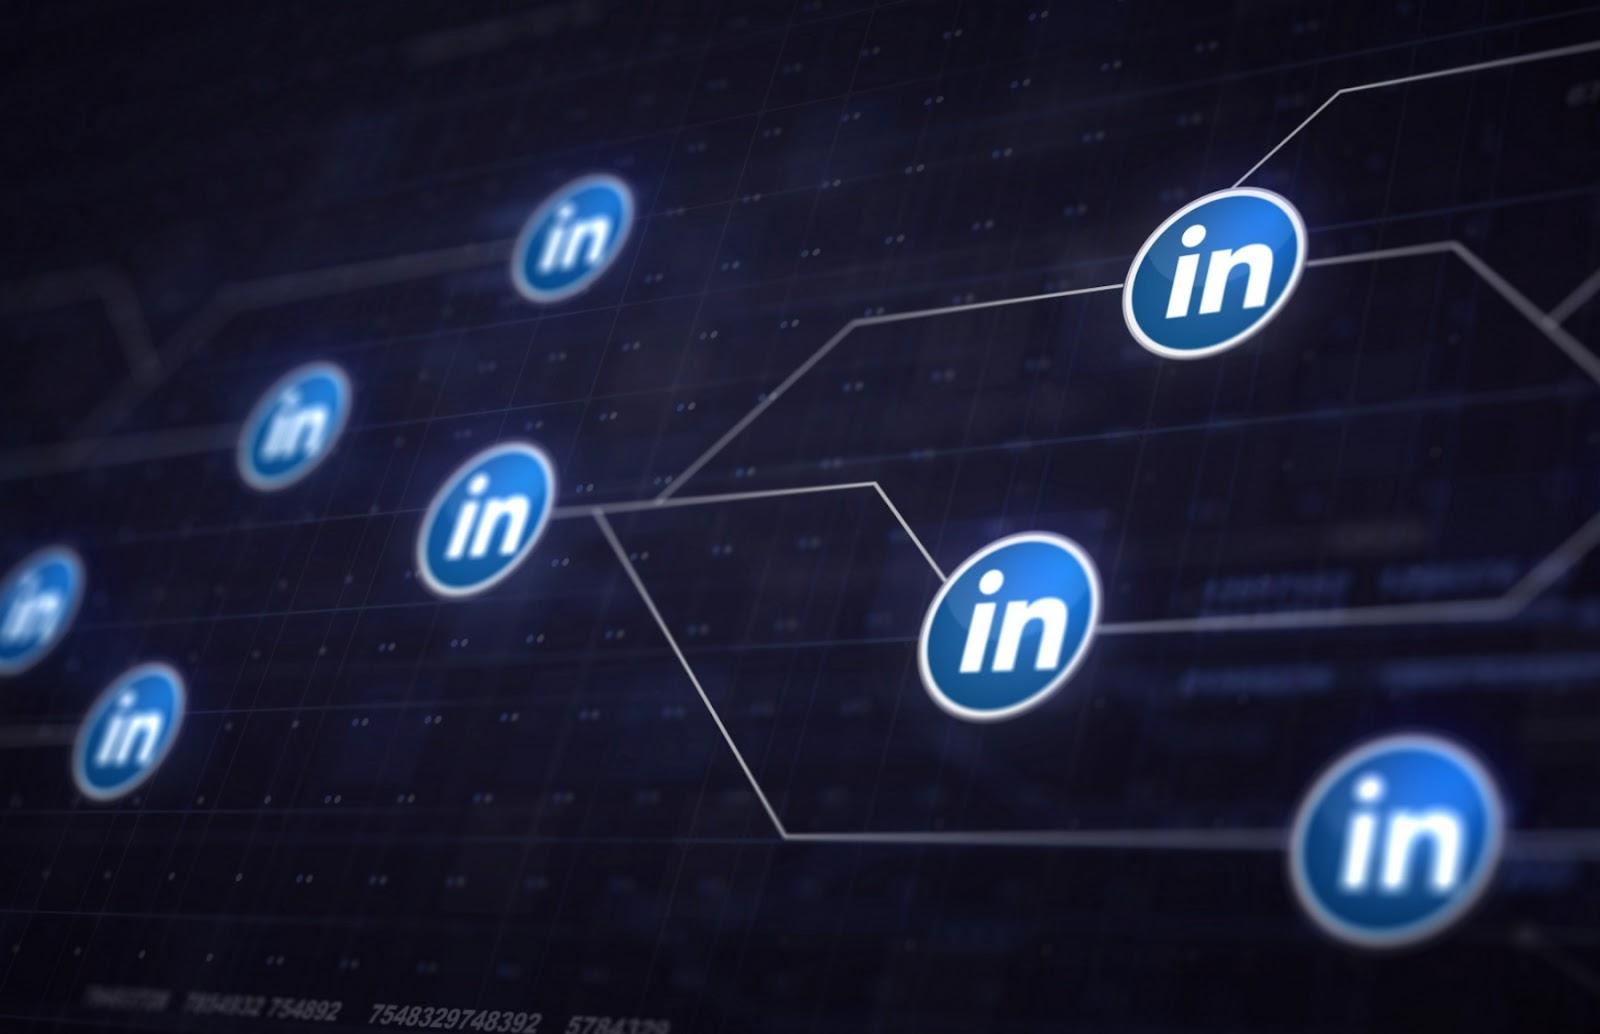 Embora seja uma rede mais segmentada, o Linkedin pode ser incluído na sua estratégia de links patrocinados se o seu público-alvo também estiver lá (Foto: FreePik)